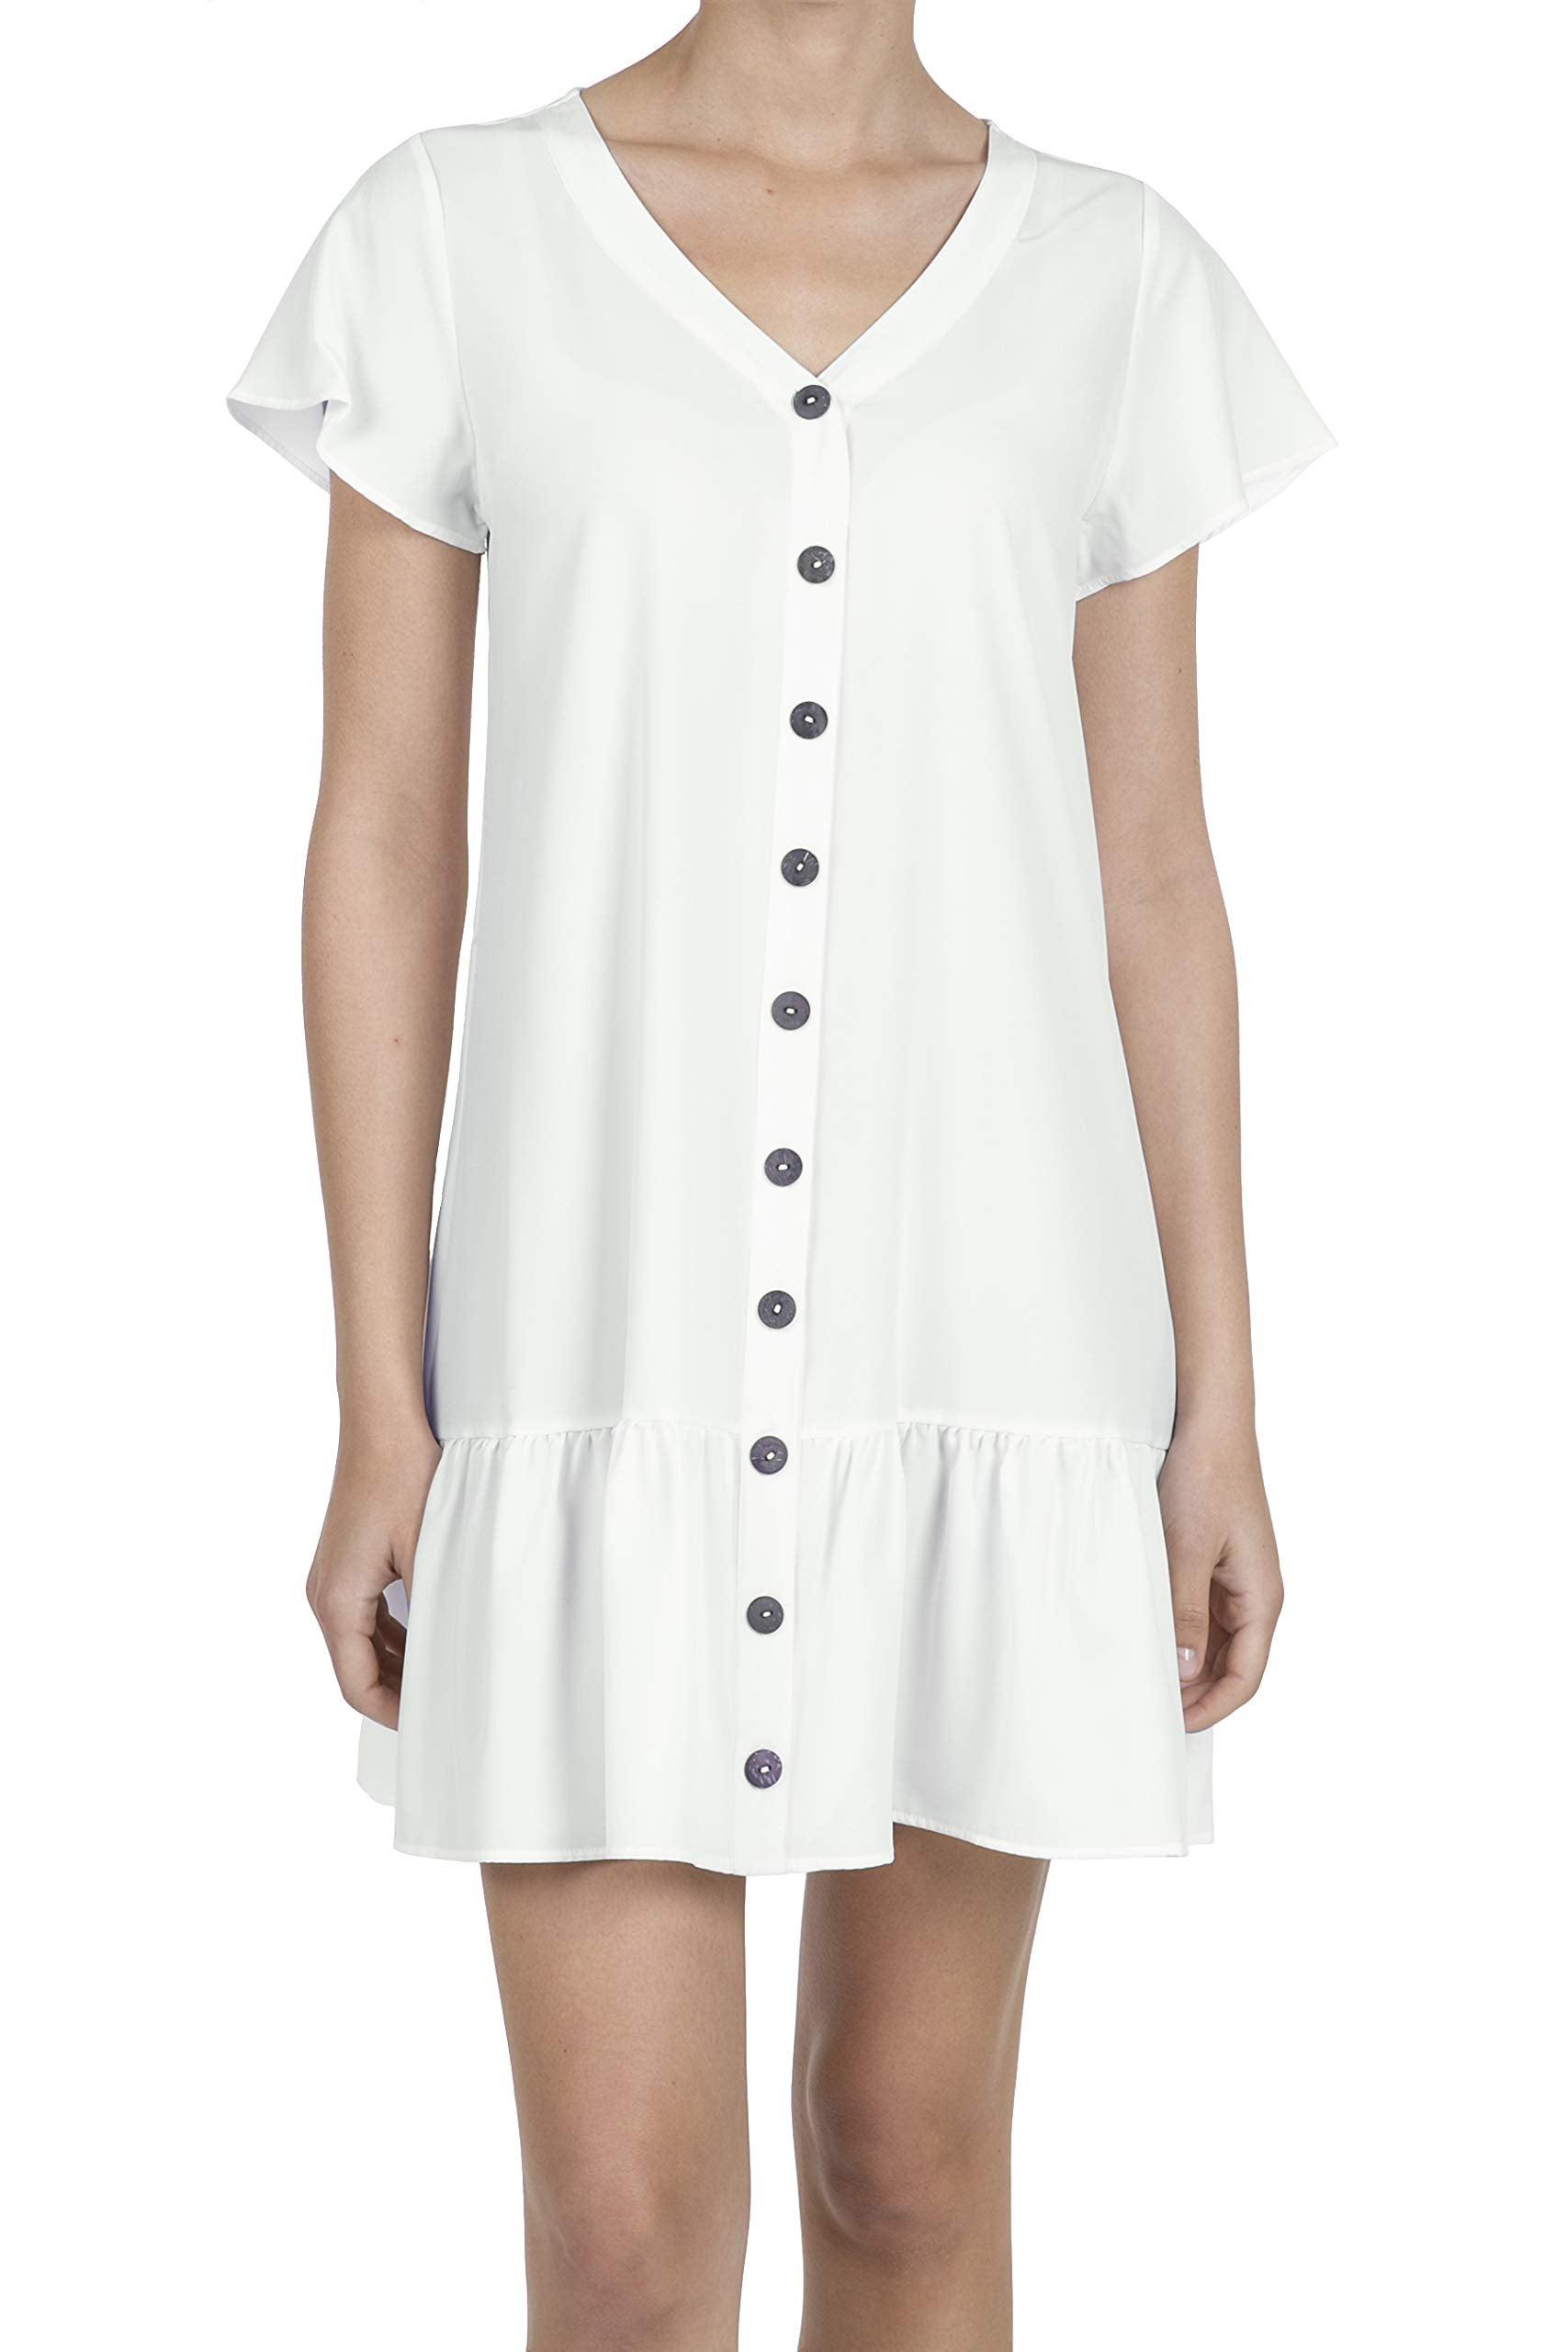 iliad USA Store Button Design Tunic Dress